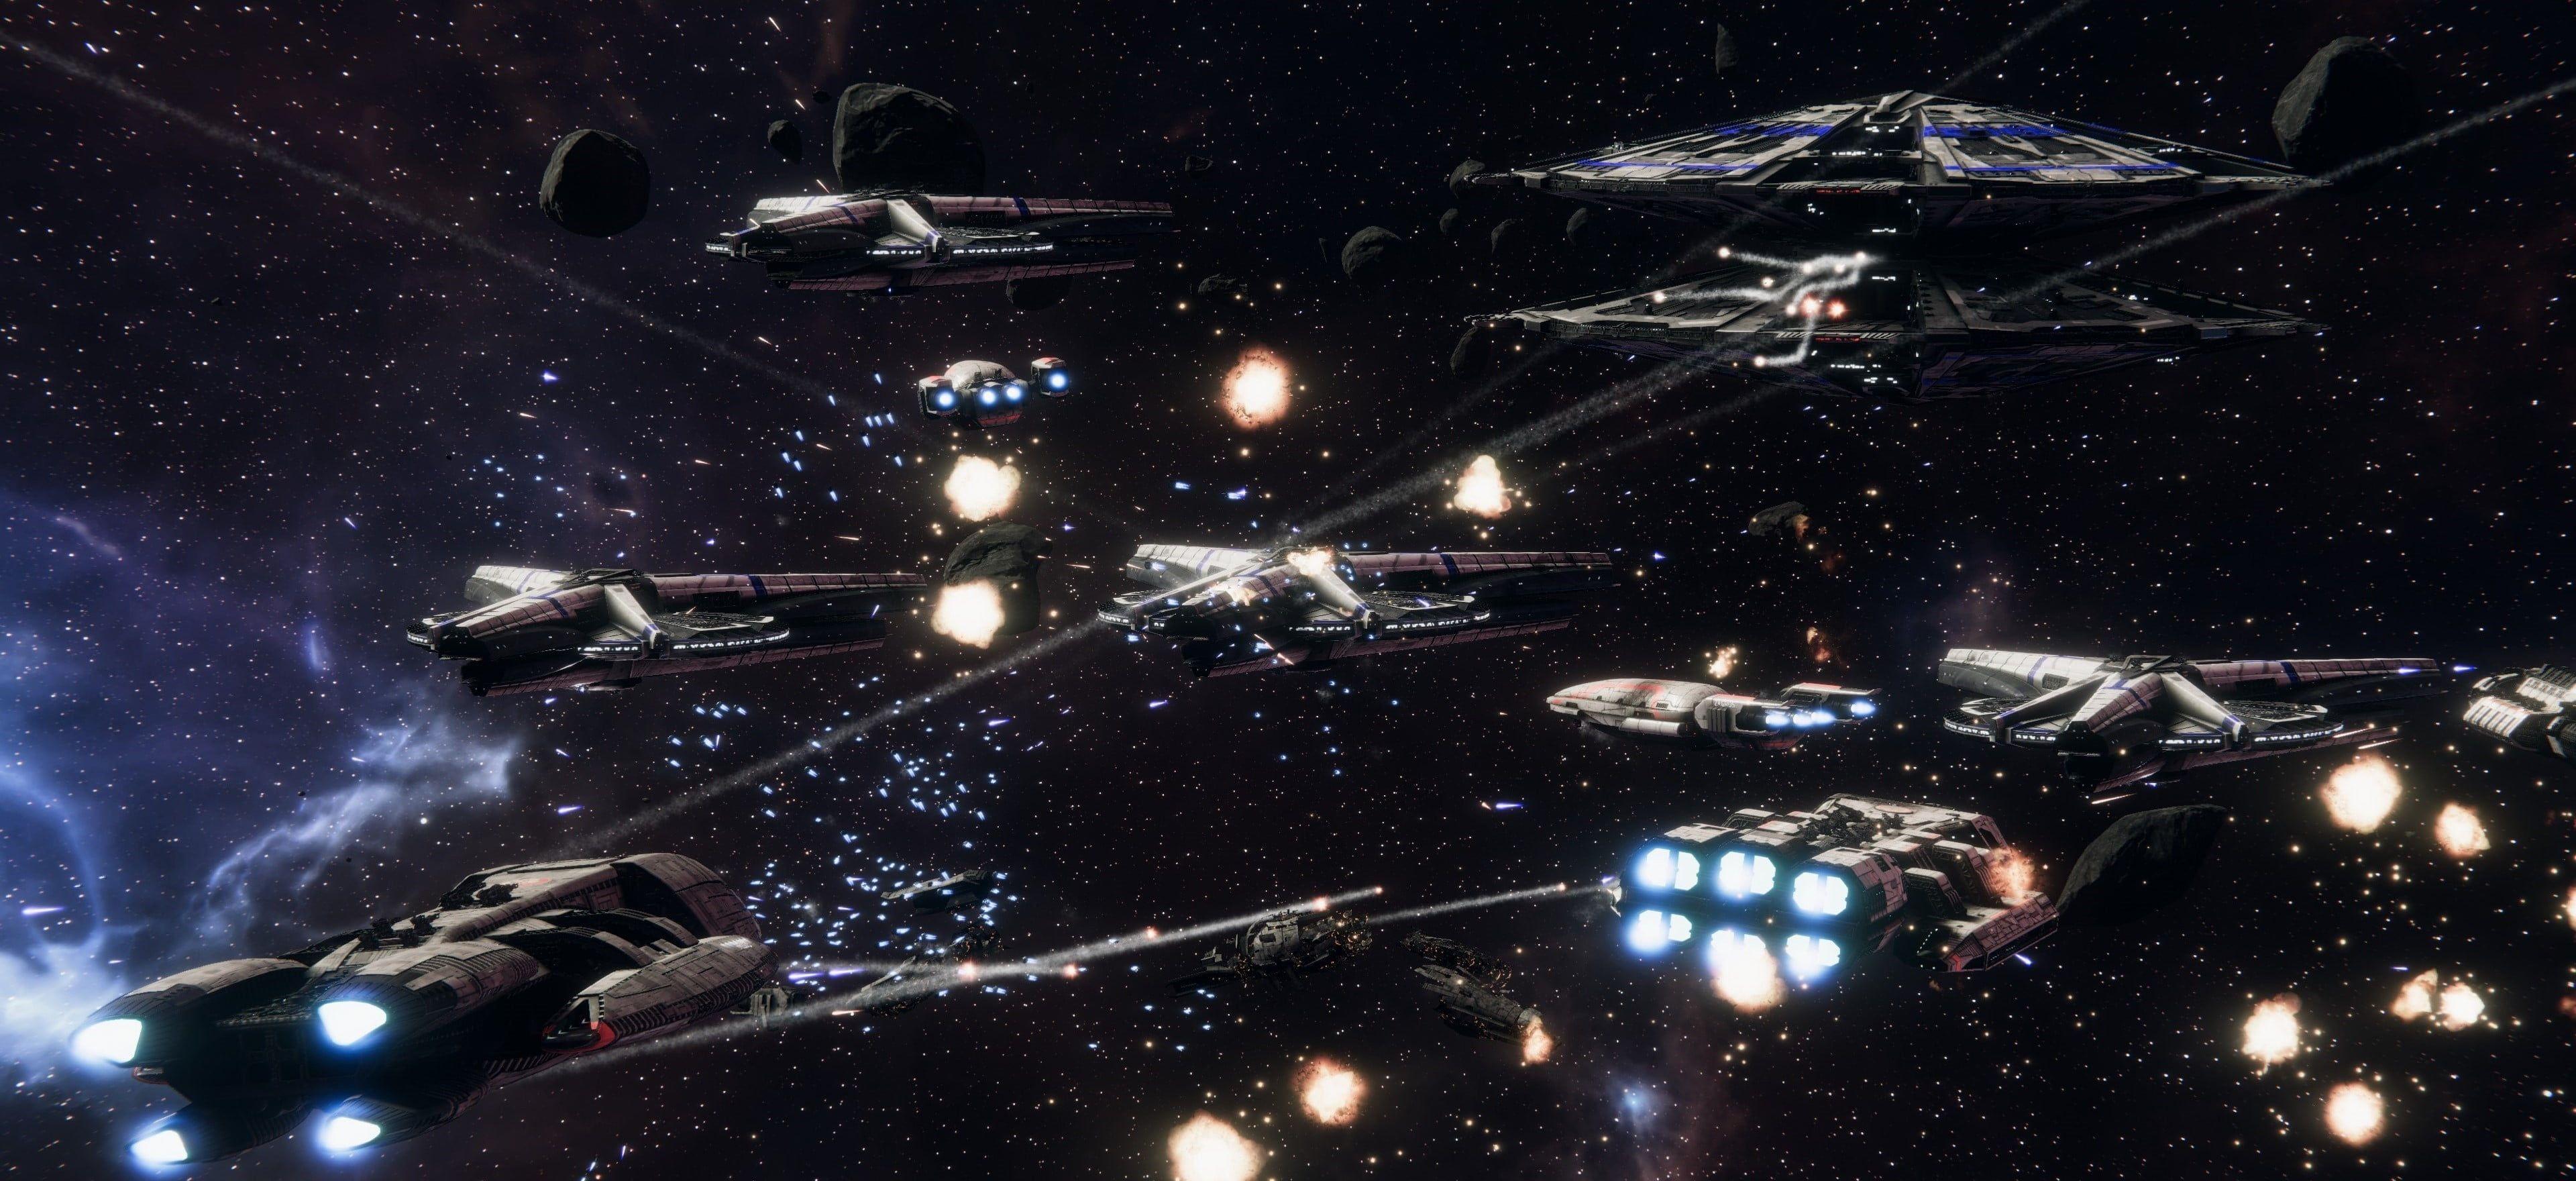 Space Space Battle Battleship Battlestar Battlestar Galactica Battle Cylons Cylon War Toaster Deadlock Space Battles Battlestar Galactica Battleship